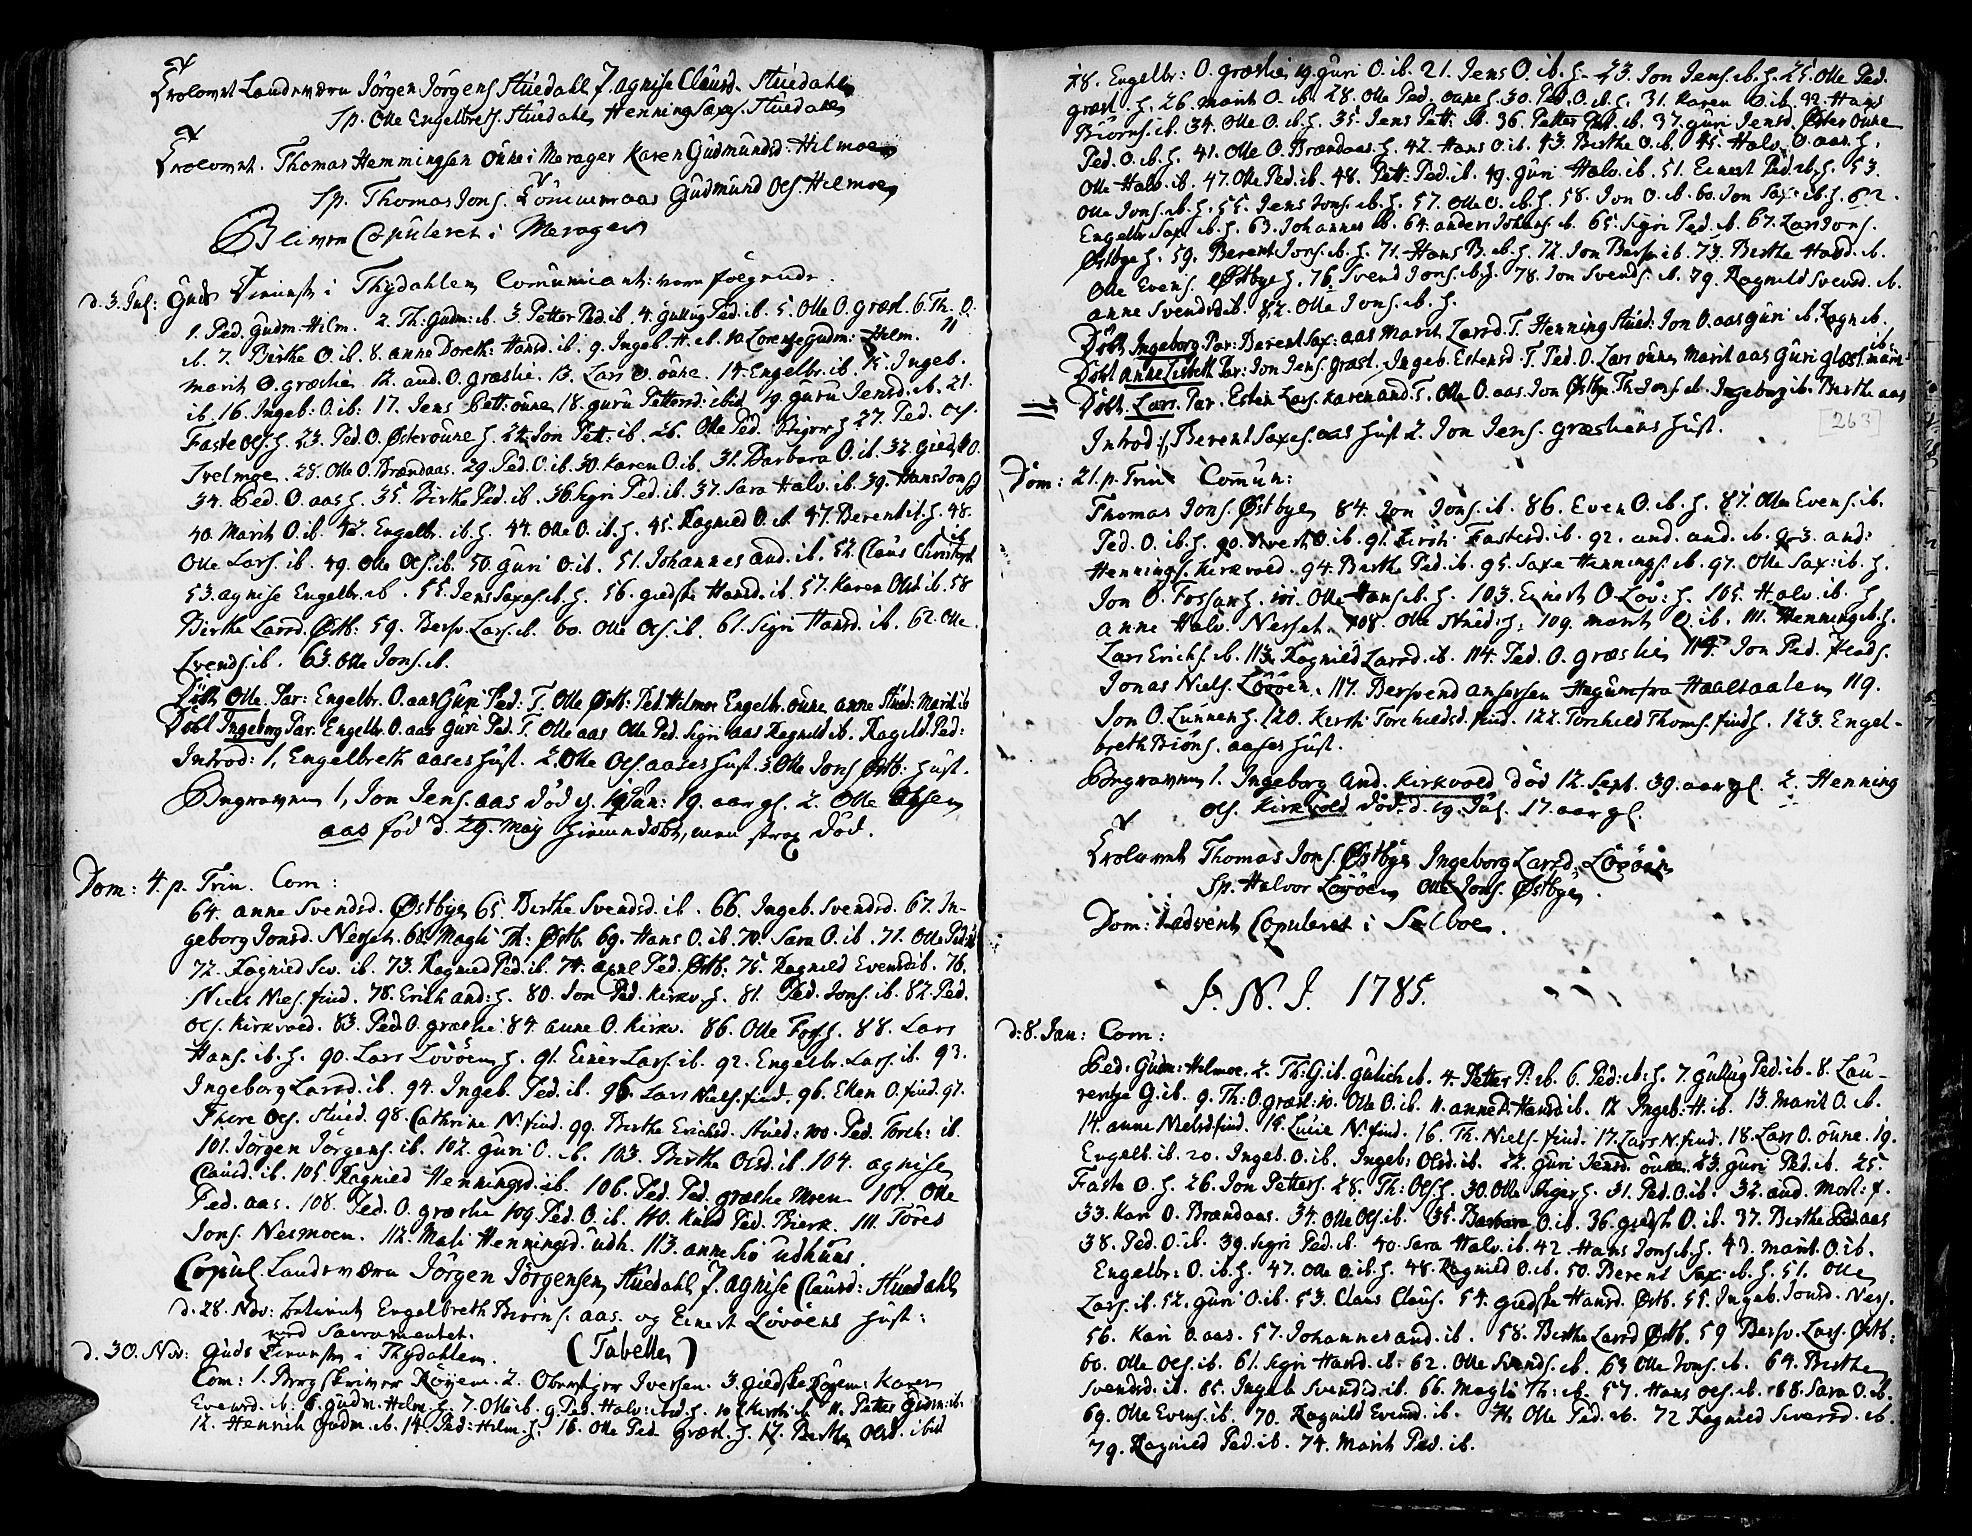 SAT, Ministerialprotokoller, klokkerbøker og fødselsregistre - Sør-Trøndelag, 695/L1139: Ministerialbok nr. 695A02 /2, 1776-1790, s. 263